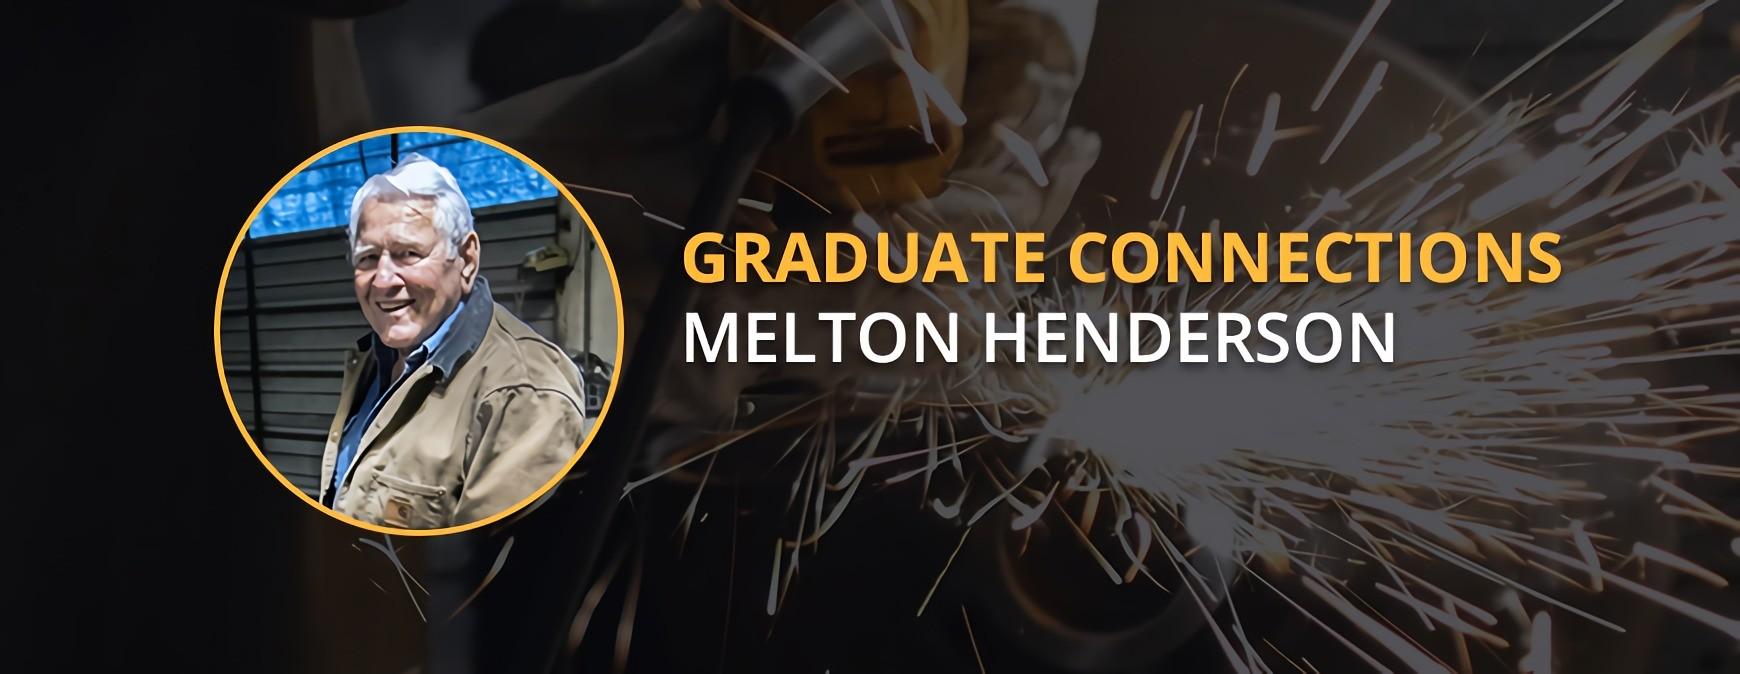 Melton Henderson Graduate Connection